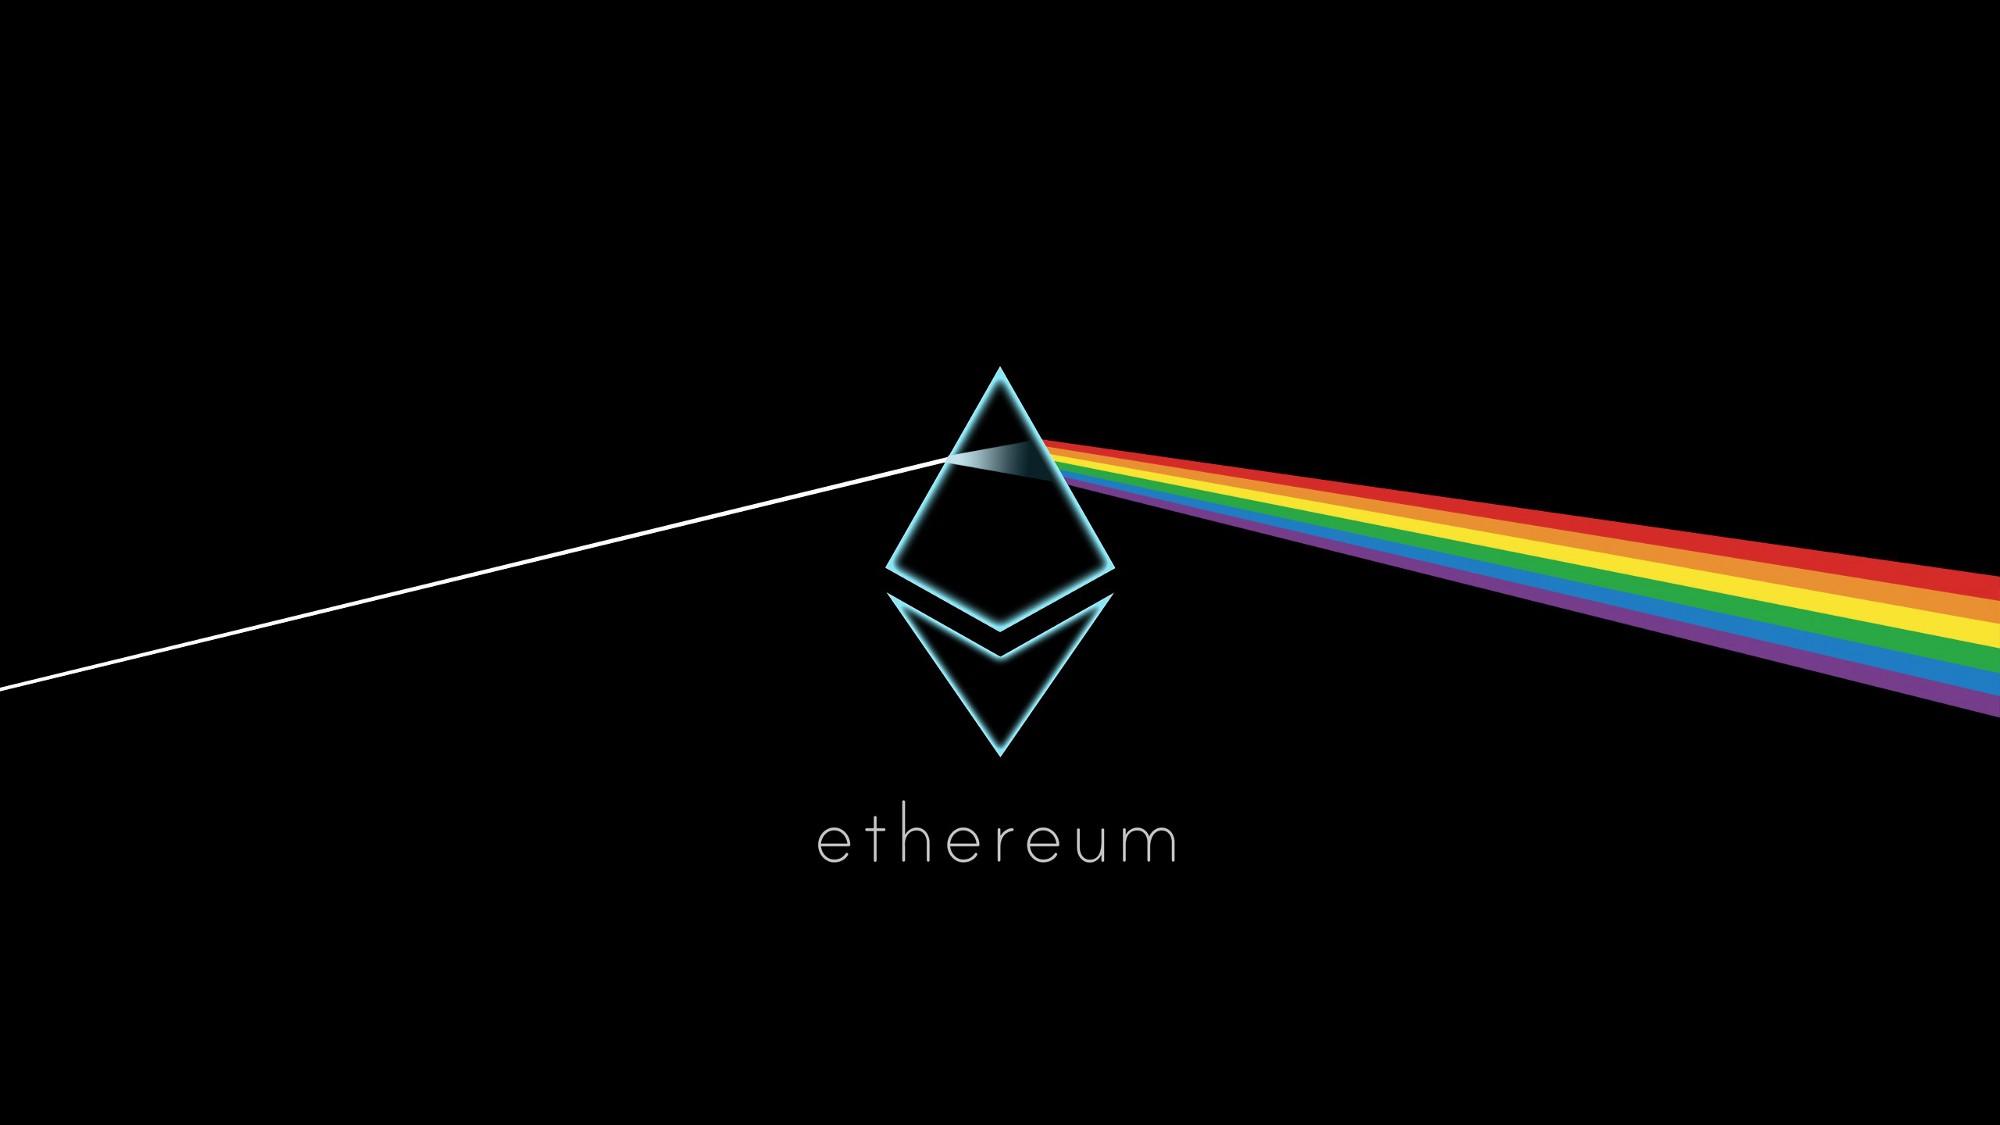 ethereum rekor kirdi eth 2000 dolar